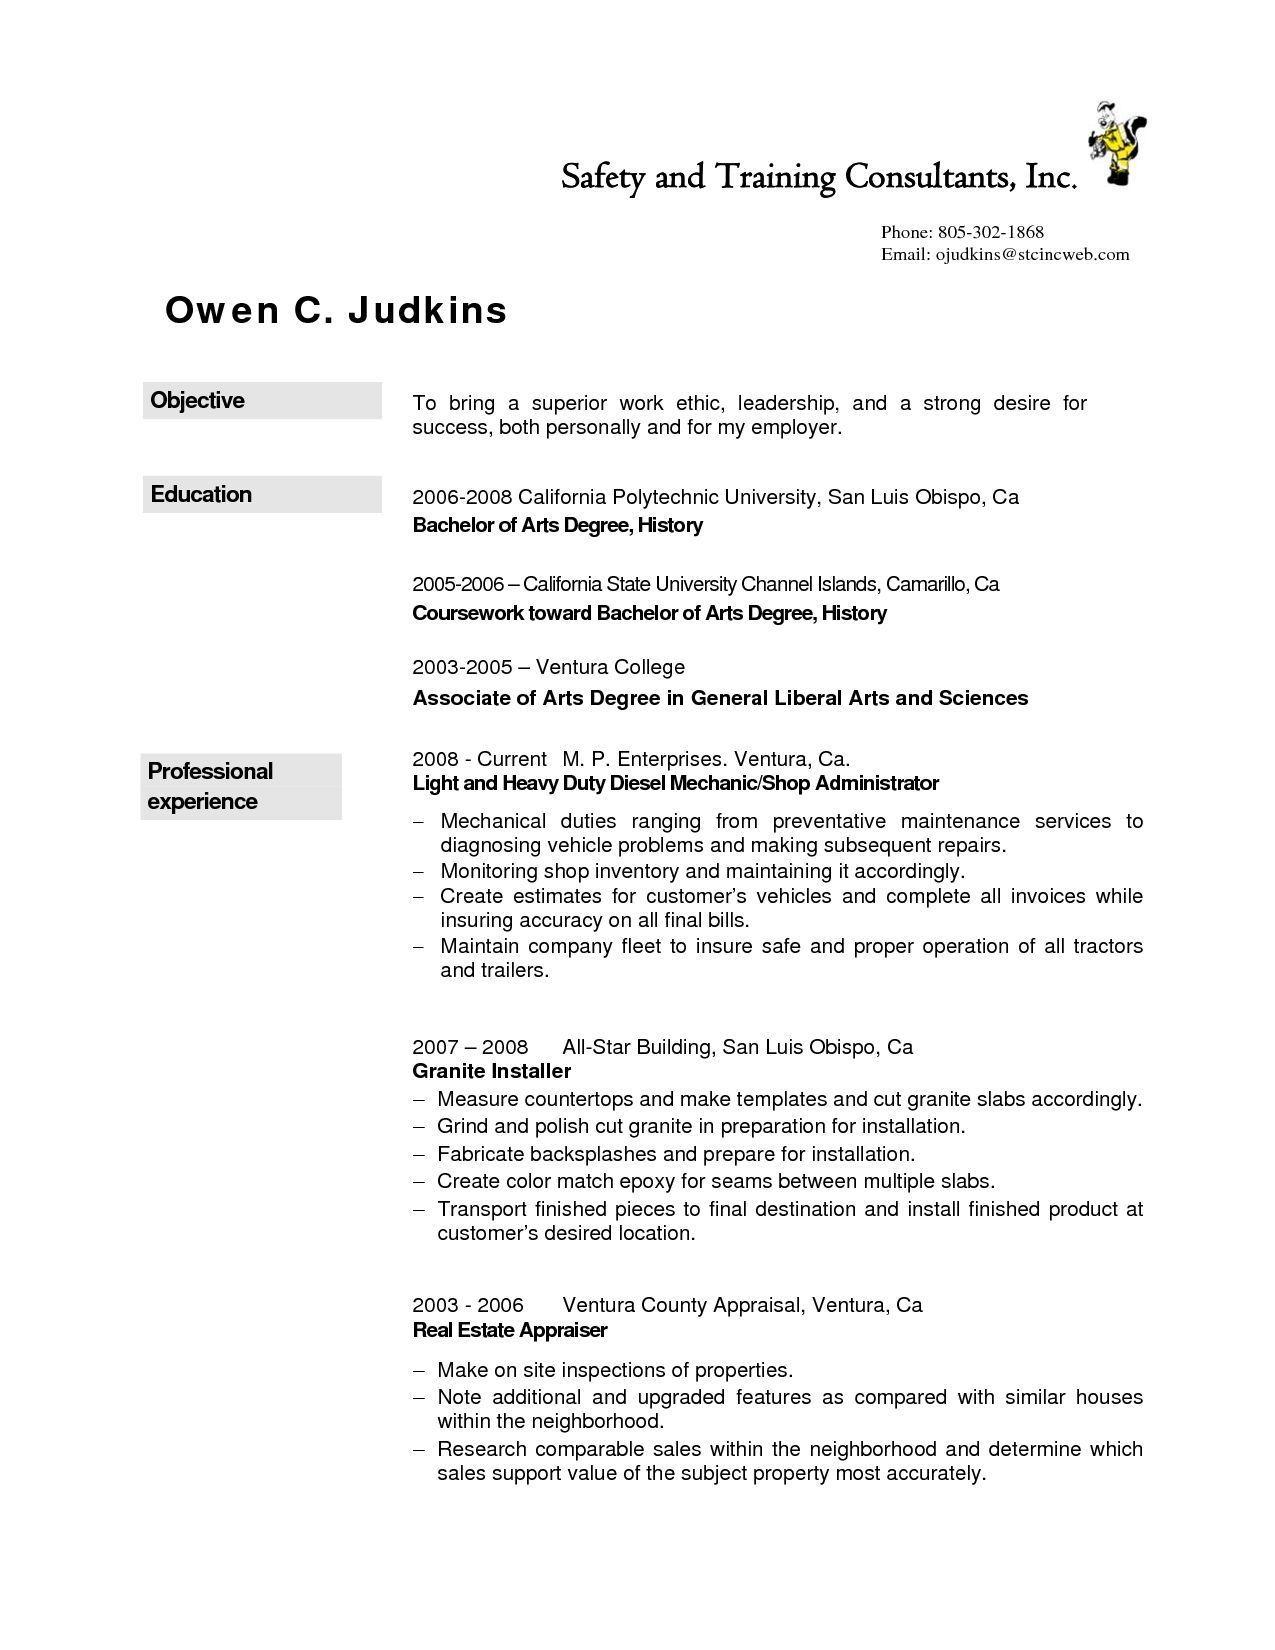 Resume Examples Diesel Mechanic Resumeexamples Resume Examples Job Resume Examples Good Resume Examples